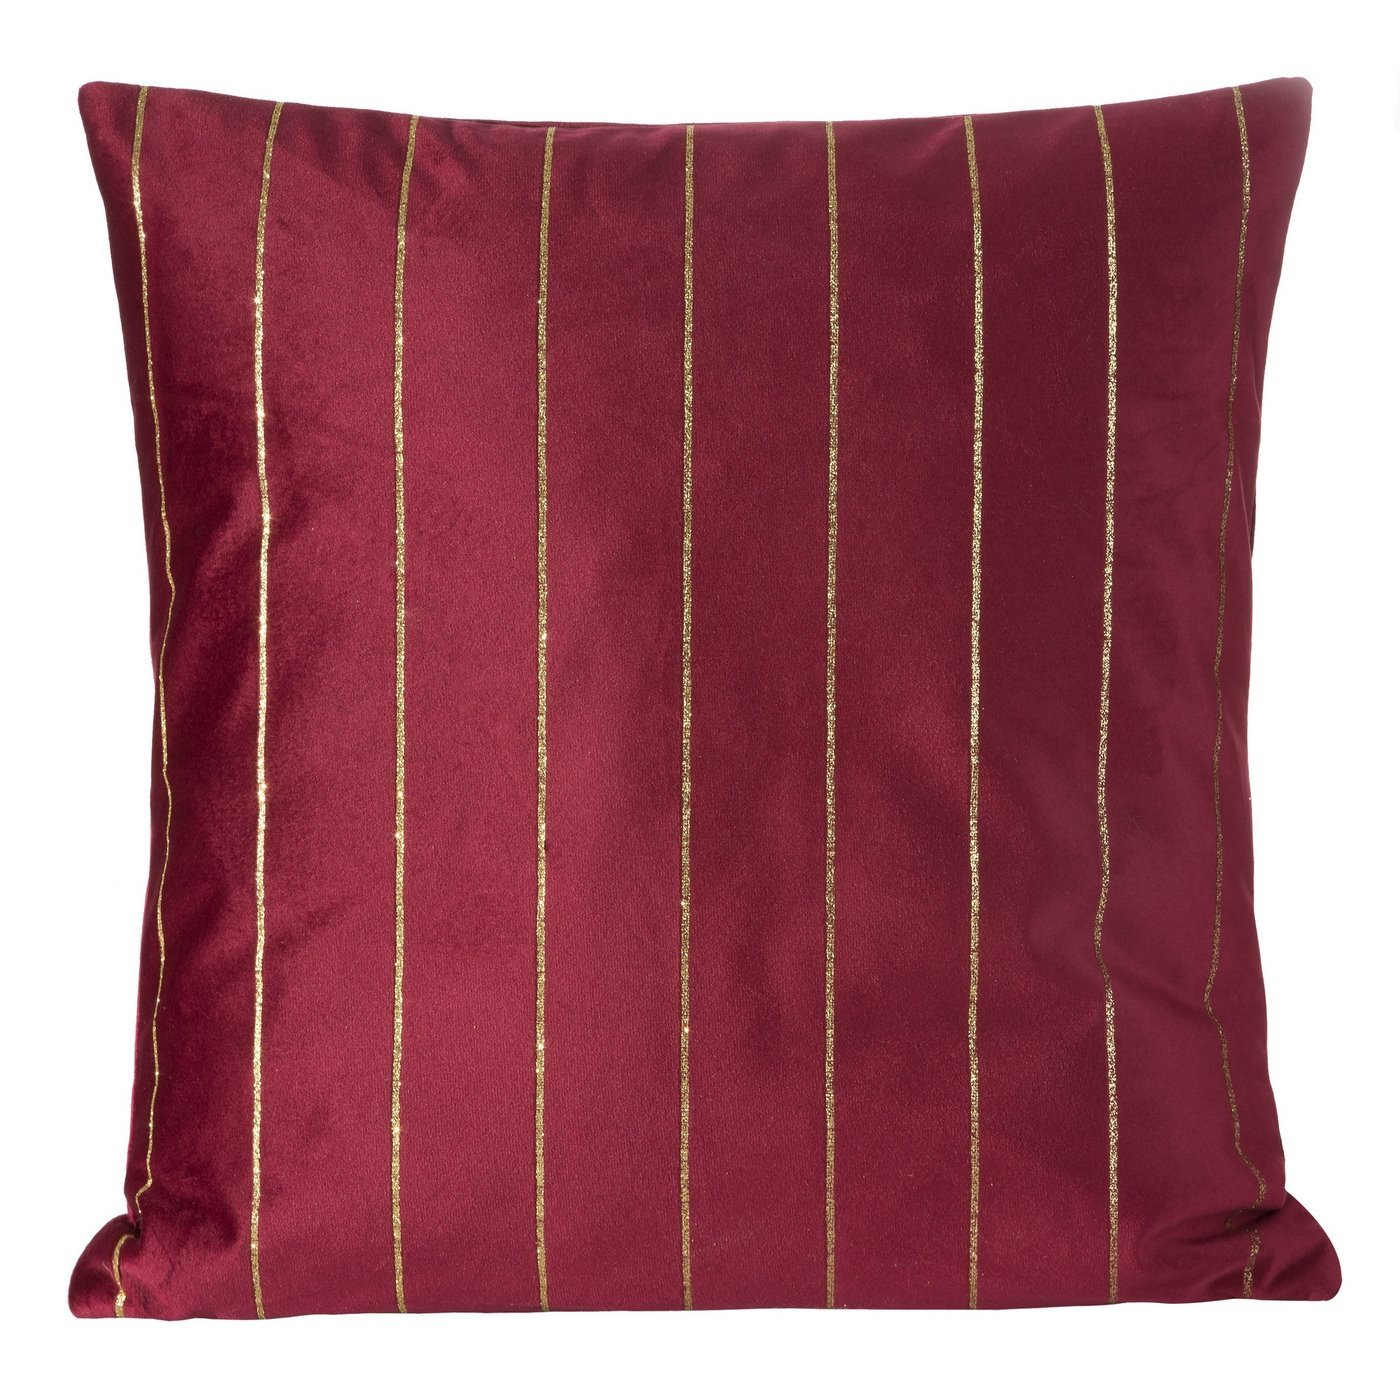 Poszewka dekoracyjna na poduszkę  45 x 45 Kolor Bordowy